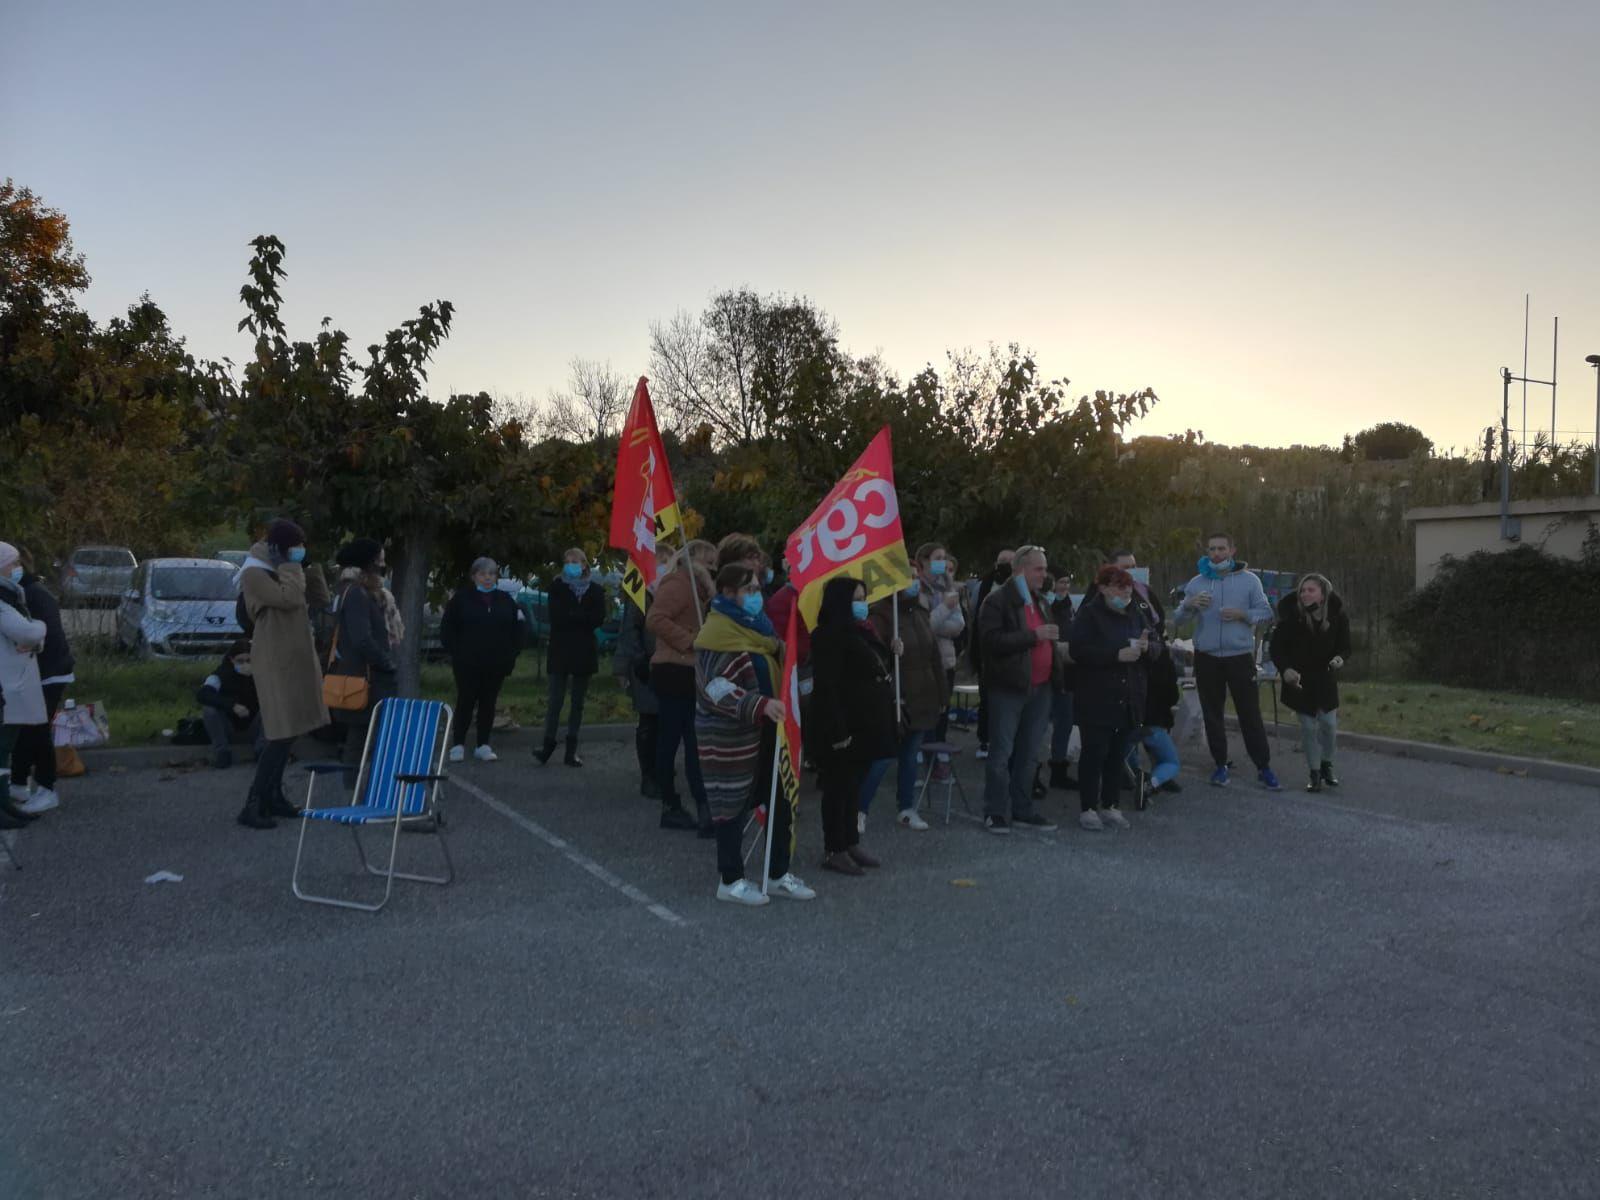 Korian Les Acides St Chamas: 100% de grévistes !